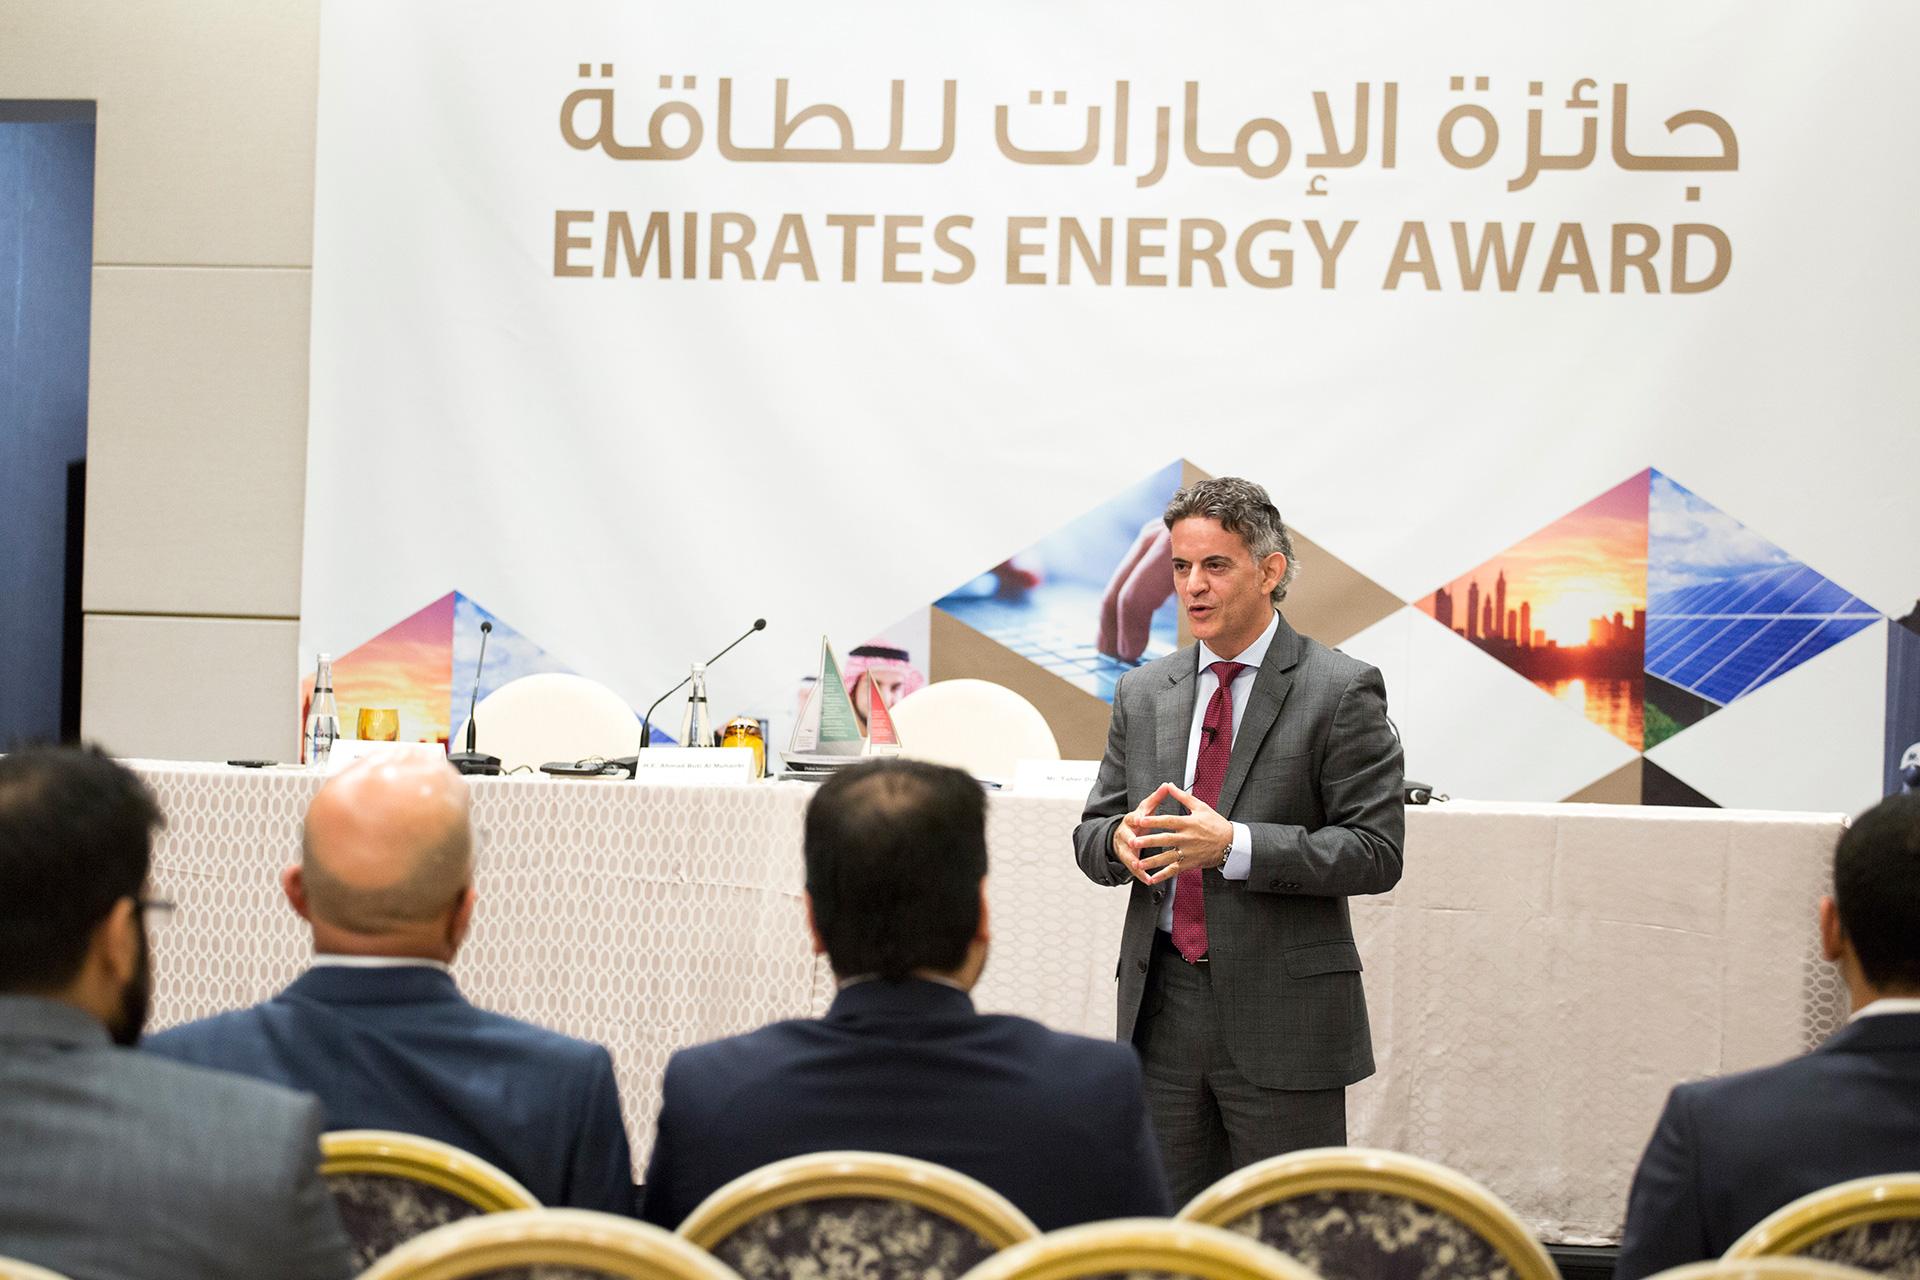 المؤتمر الصحفي لإطلاق جائرة الإمارات للطاقة في اسطنبول